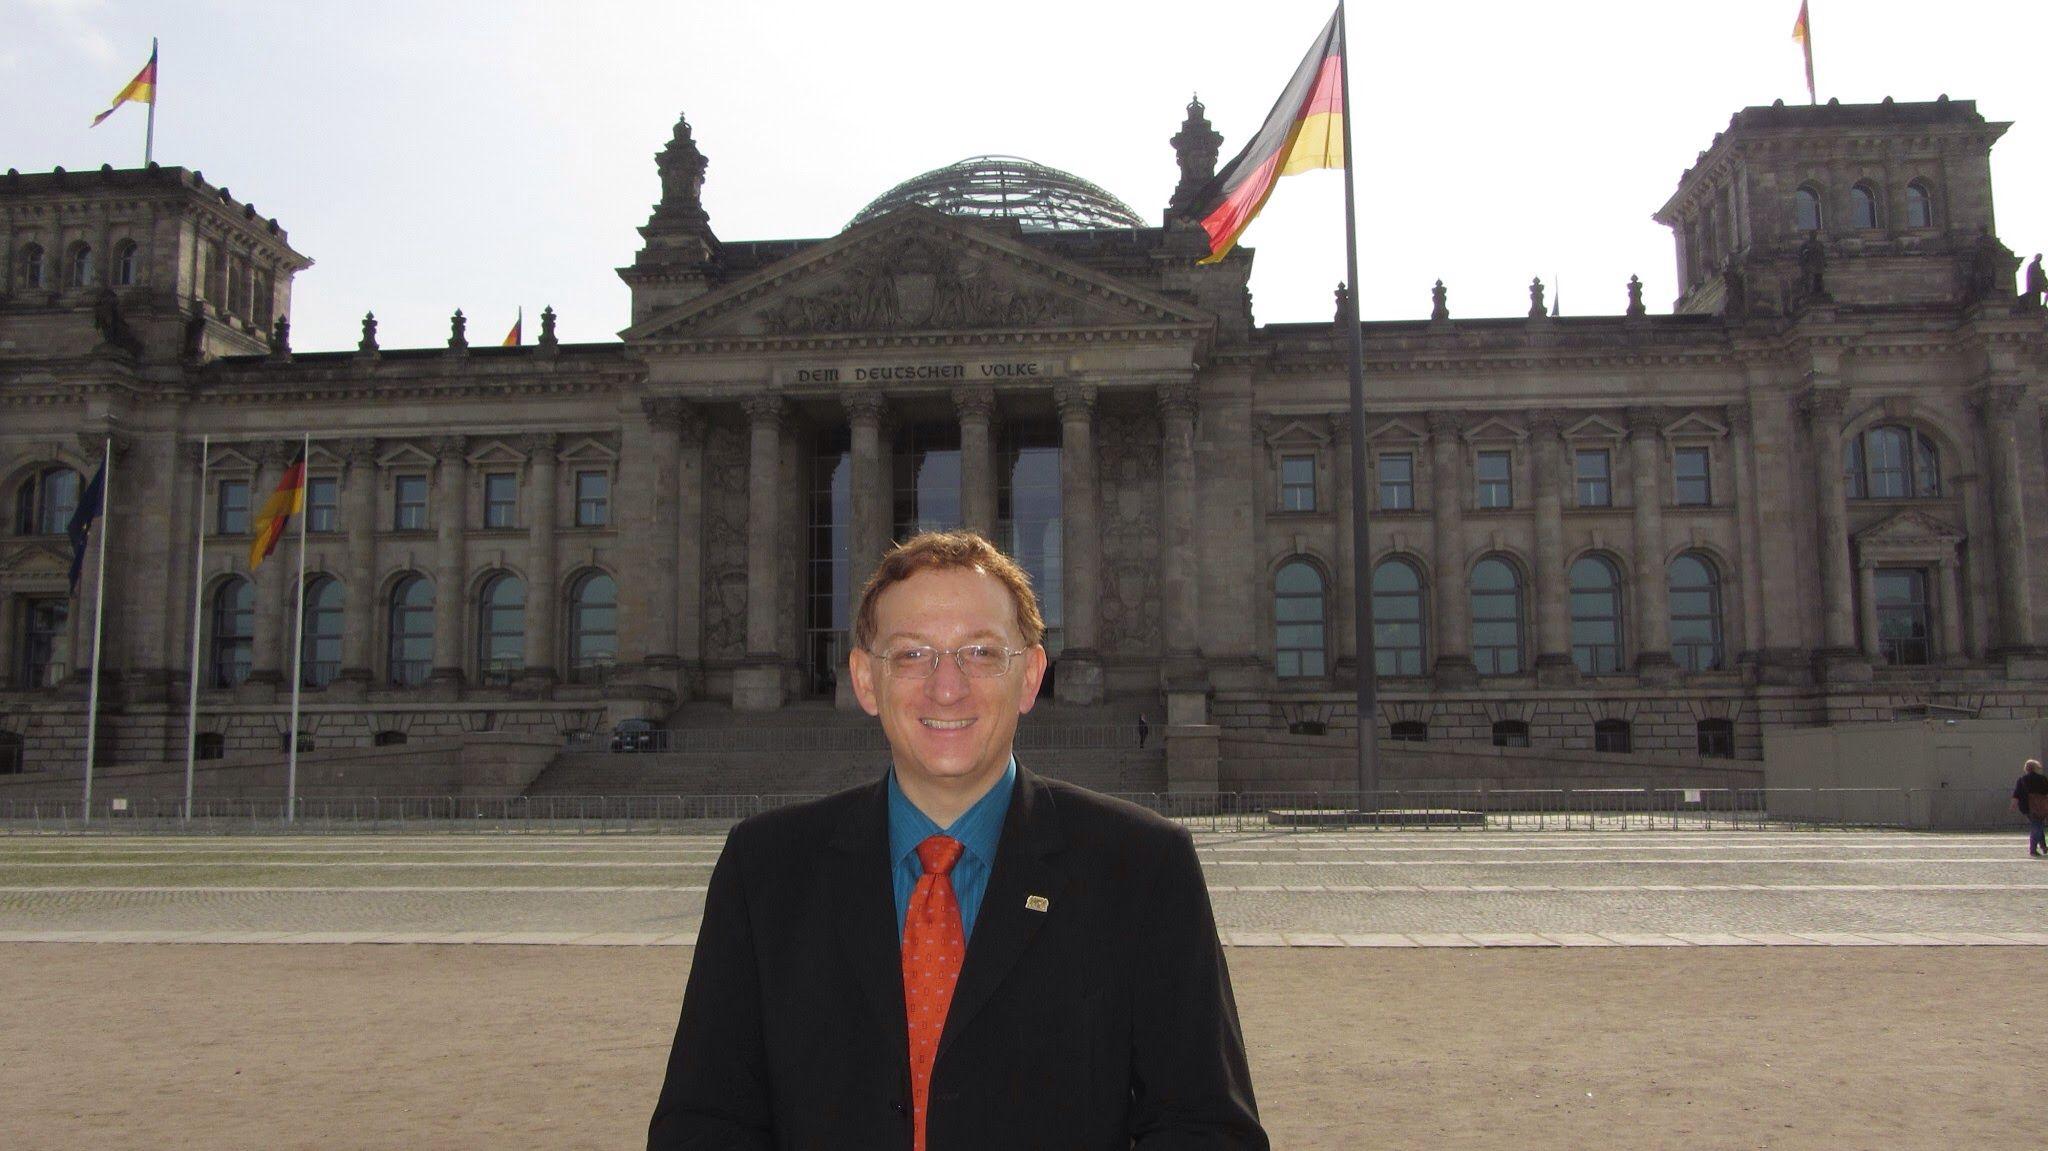 Kandidatur zum Bundestag